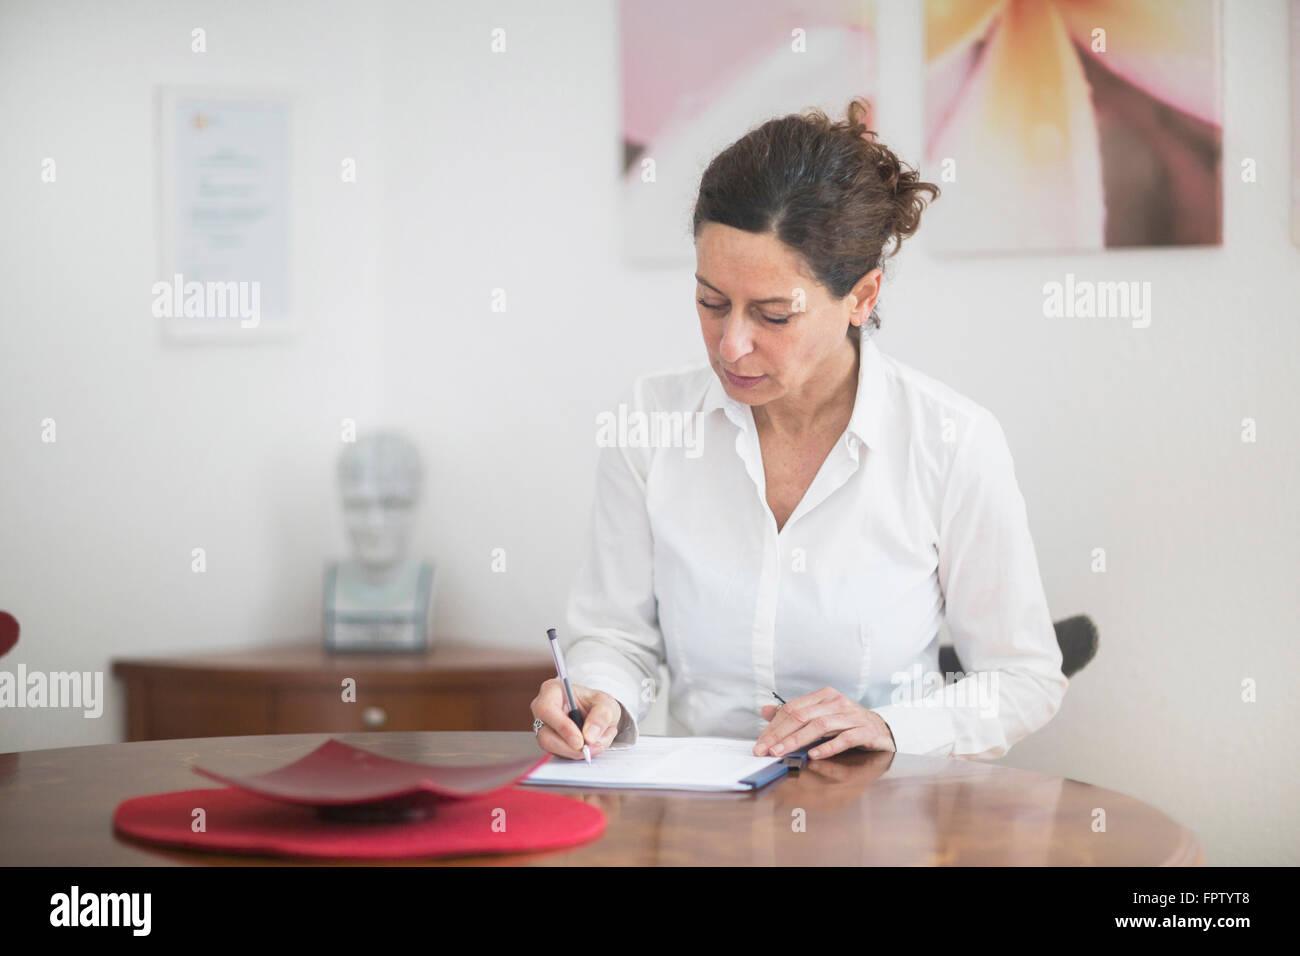 Femme médecin écrit à l'hôpital d'ordonnance, Freiburg im Breisgau, Bade-Wurtemberg, Allemagne Banque D'Images